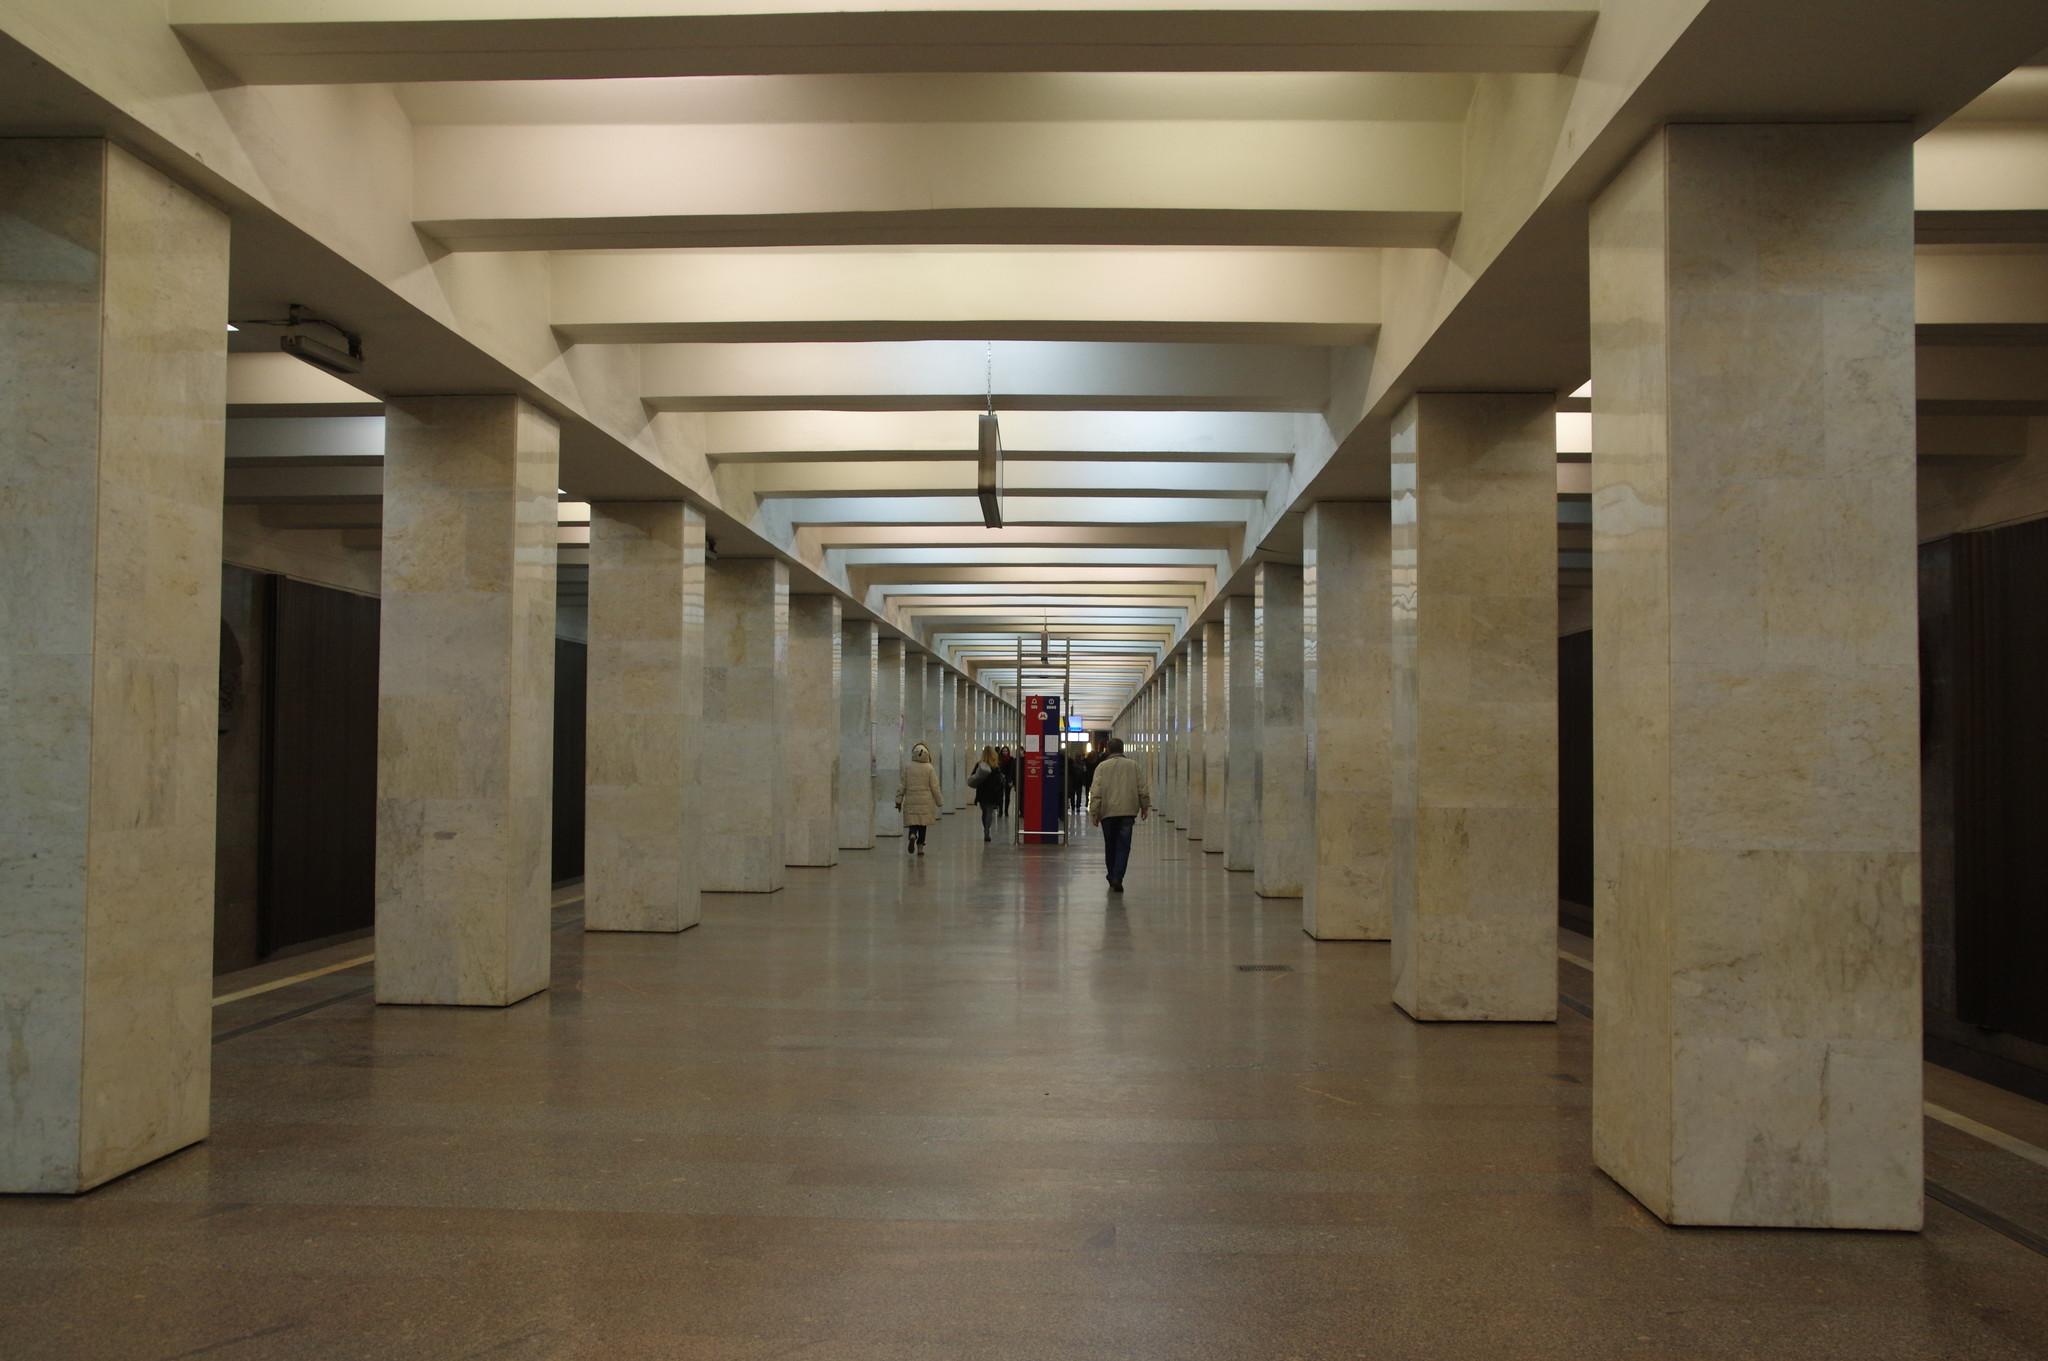 Станция «Владыкино» Серпуховско-Тимирязевской линии Московского метрополитена